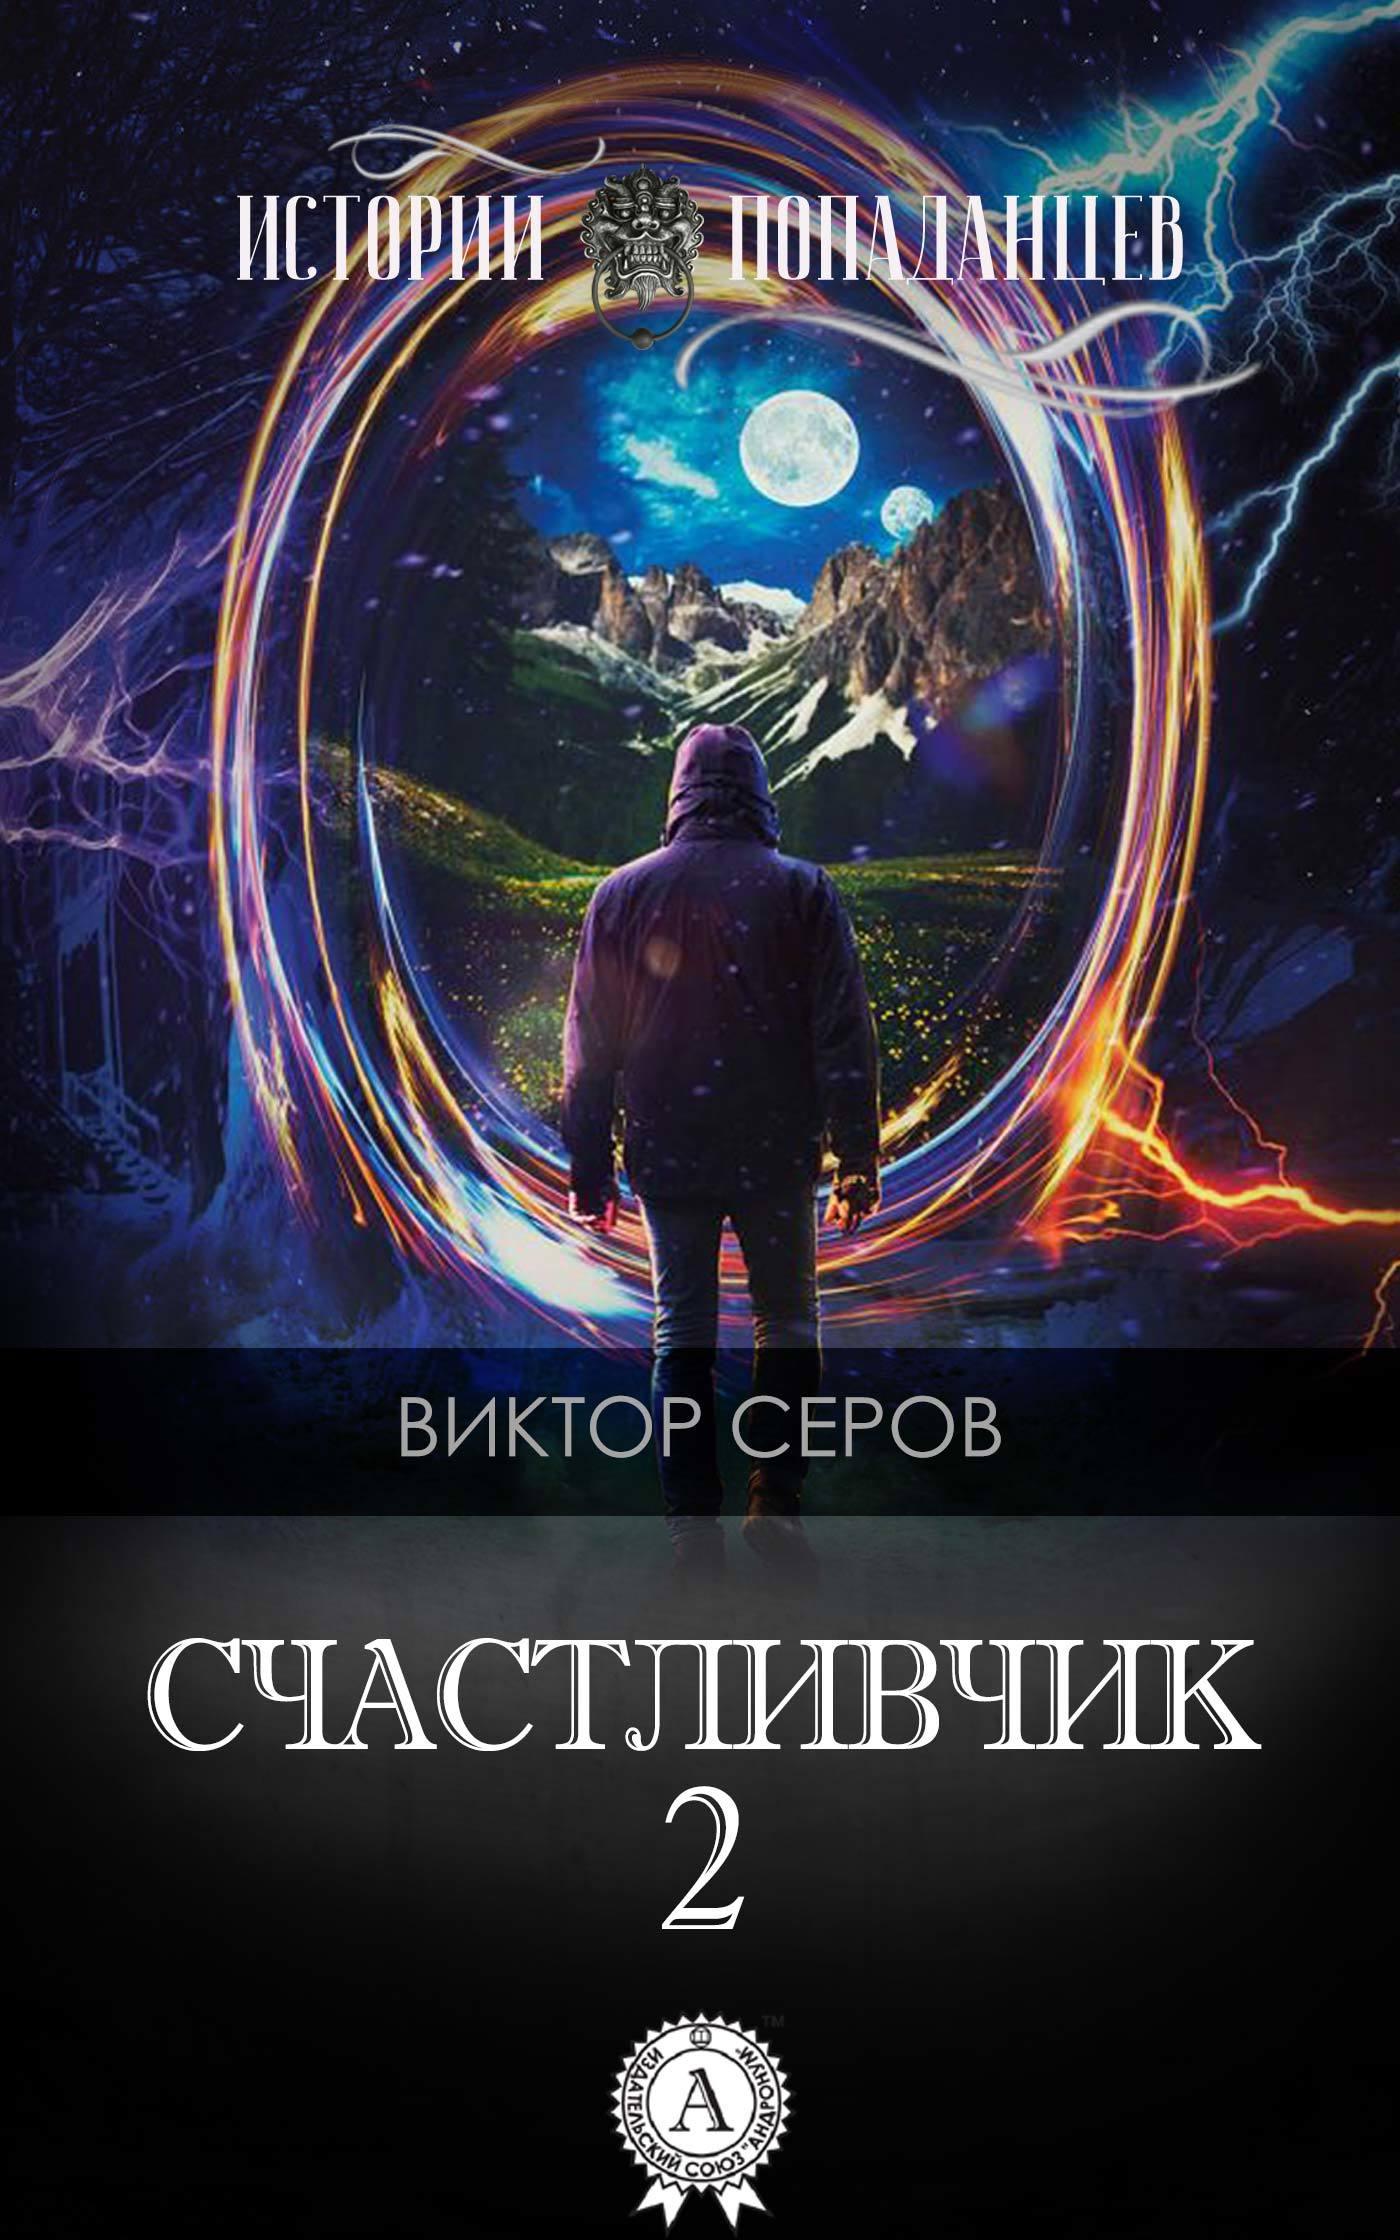 Виктор Серов - Счастливчик-2